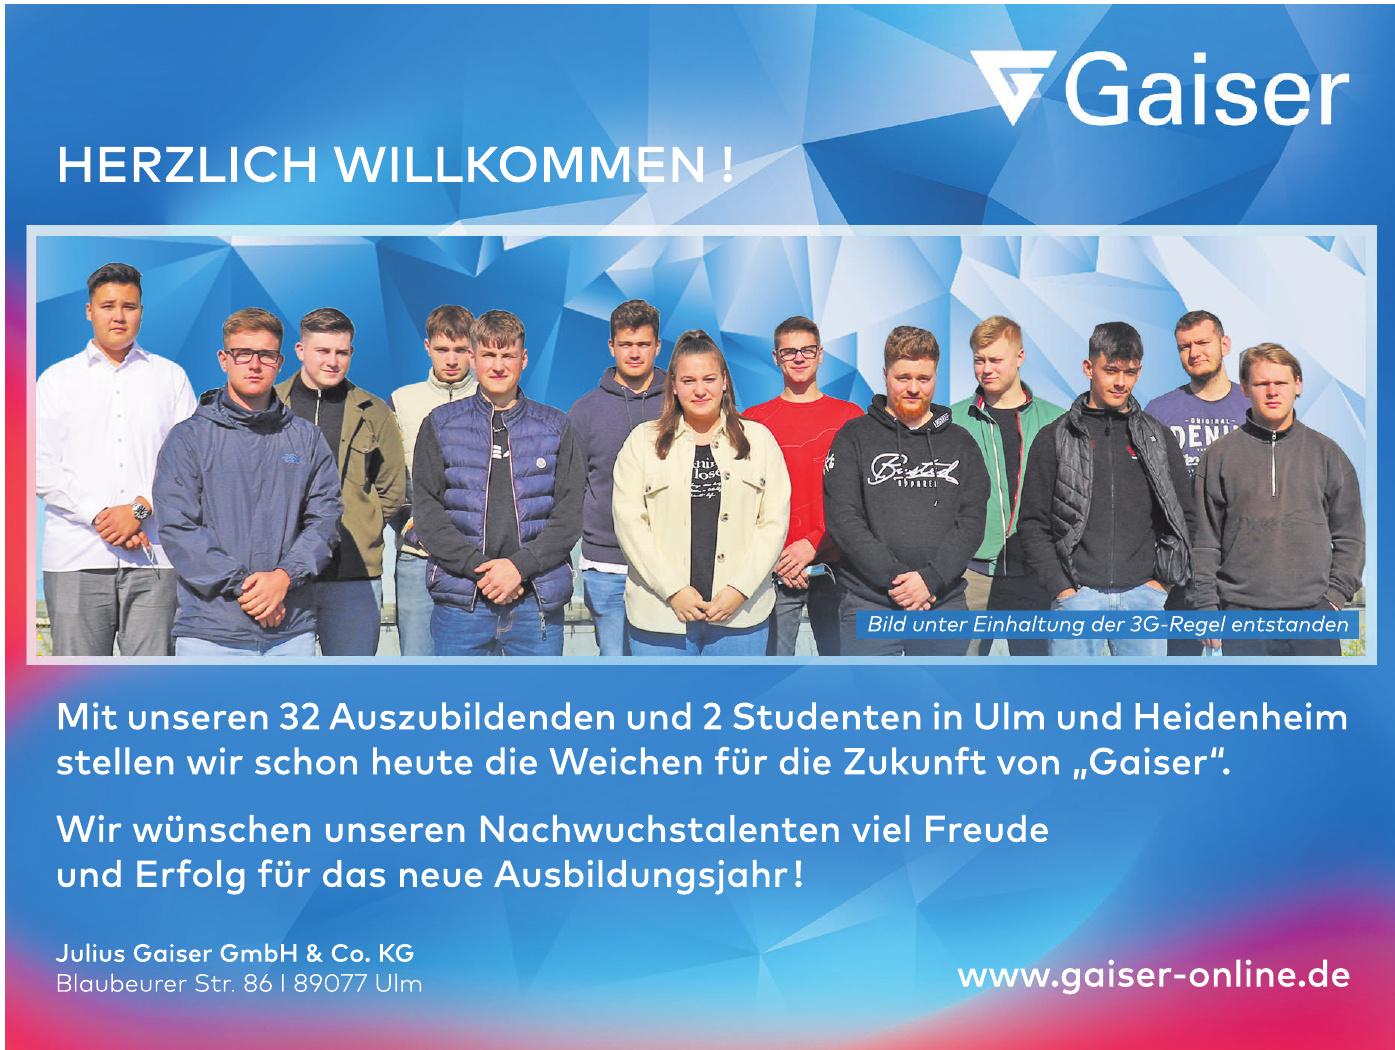 Julius Gaiser GmbH & Co. KG